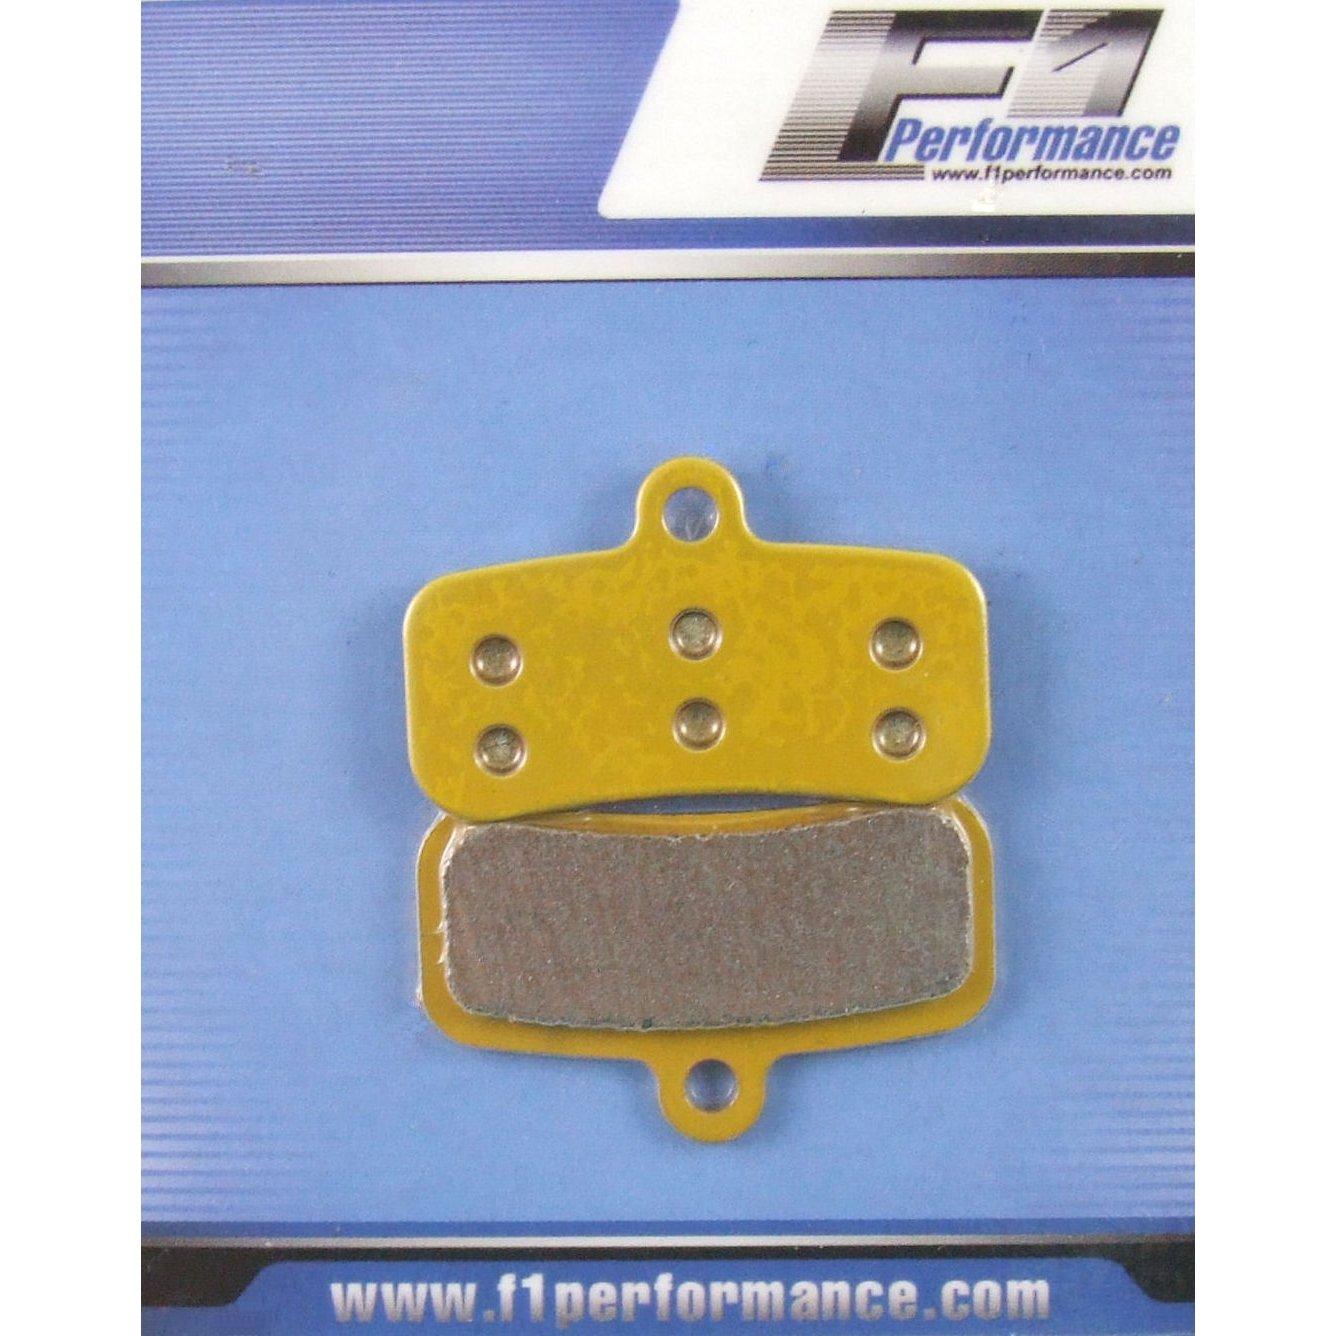 1198 NEU Kbike Kupplungshaltewerkzeug Kupplung Blockierwerkzeug Ducati 1098